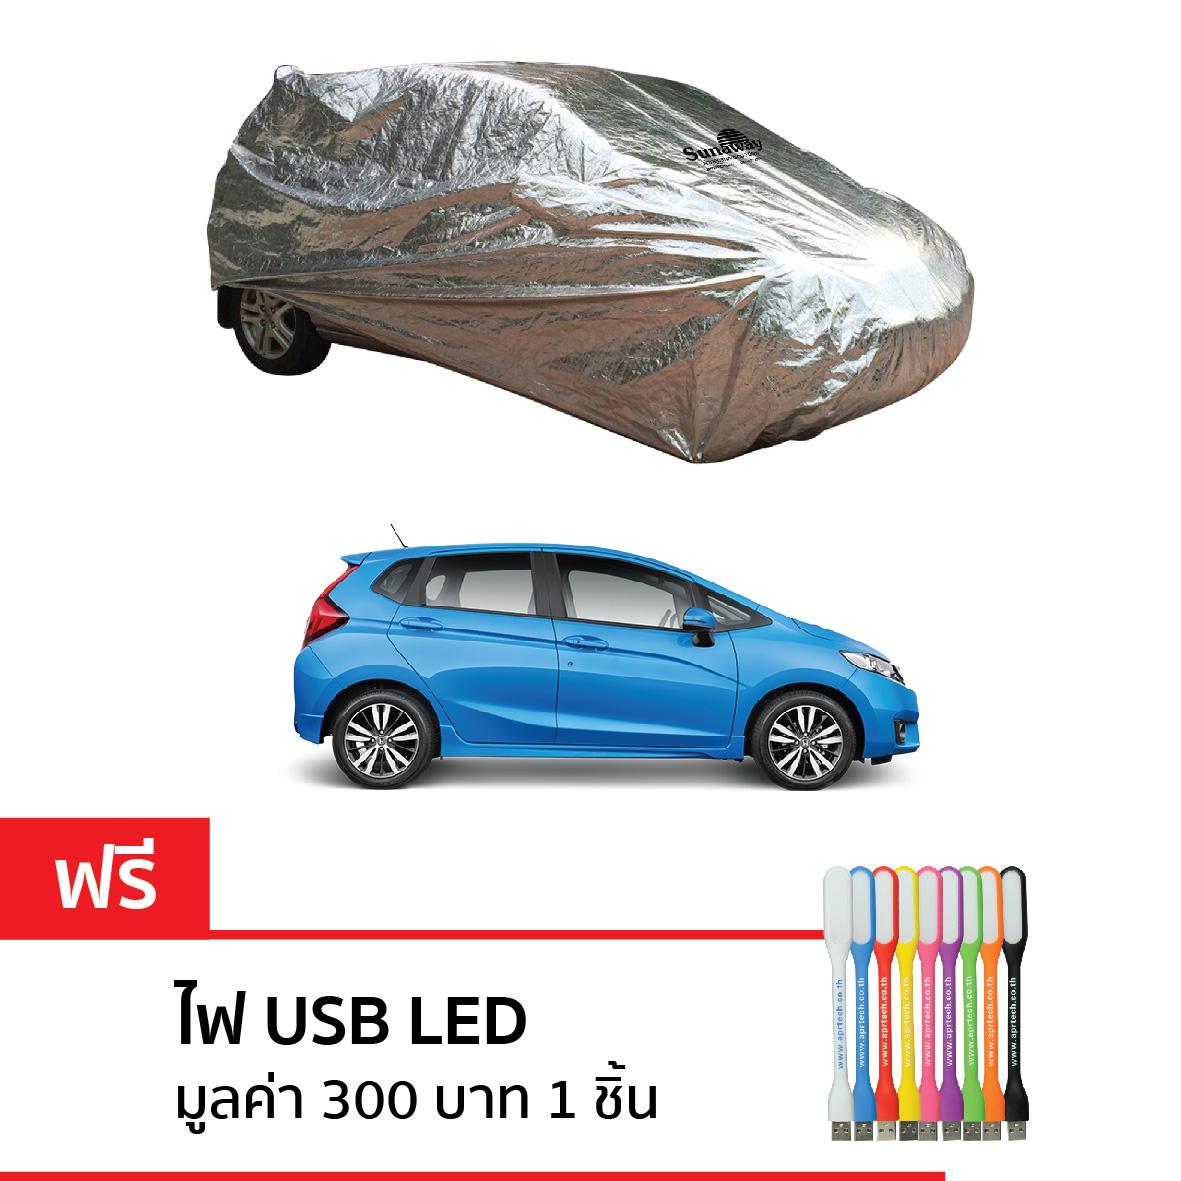 New Sunaway ผ้าคลุมรถกันร้อน 100% (สำหรับรถเก๋ง S-เต็มคัน)